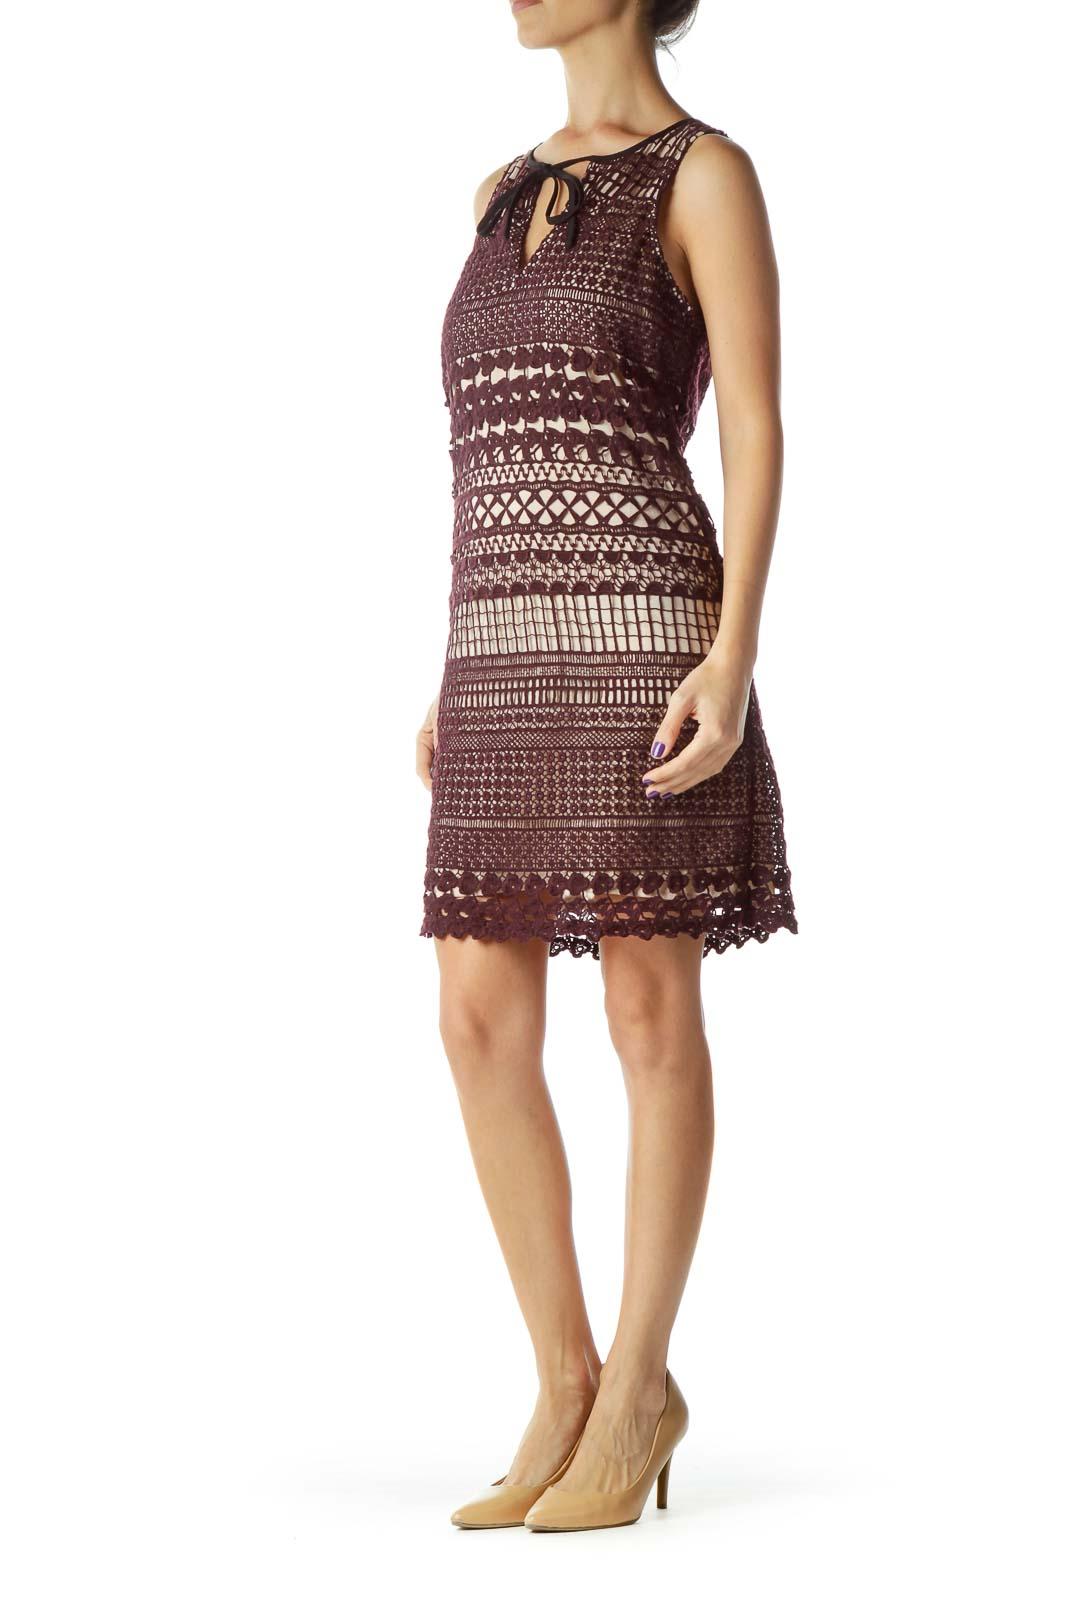 Burgundy Crocheted Sleeveless Dress